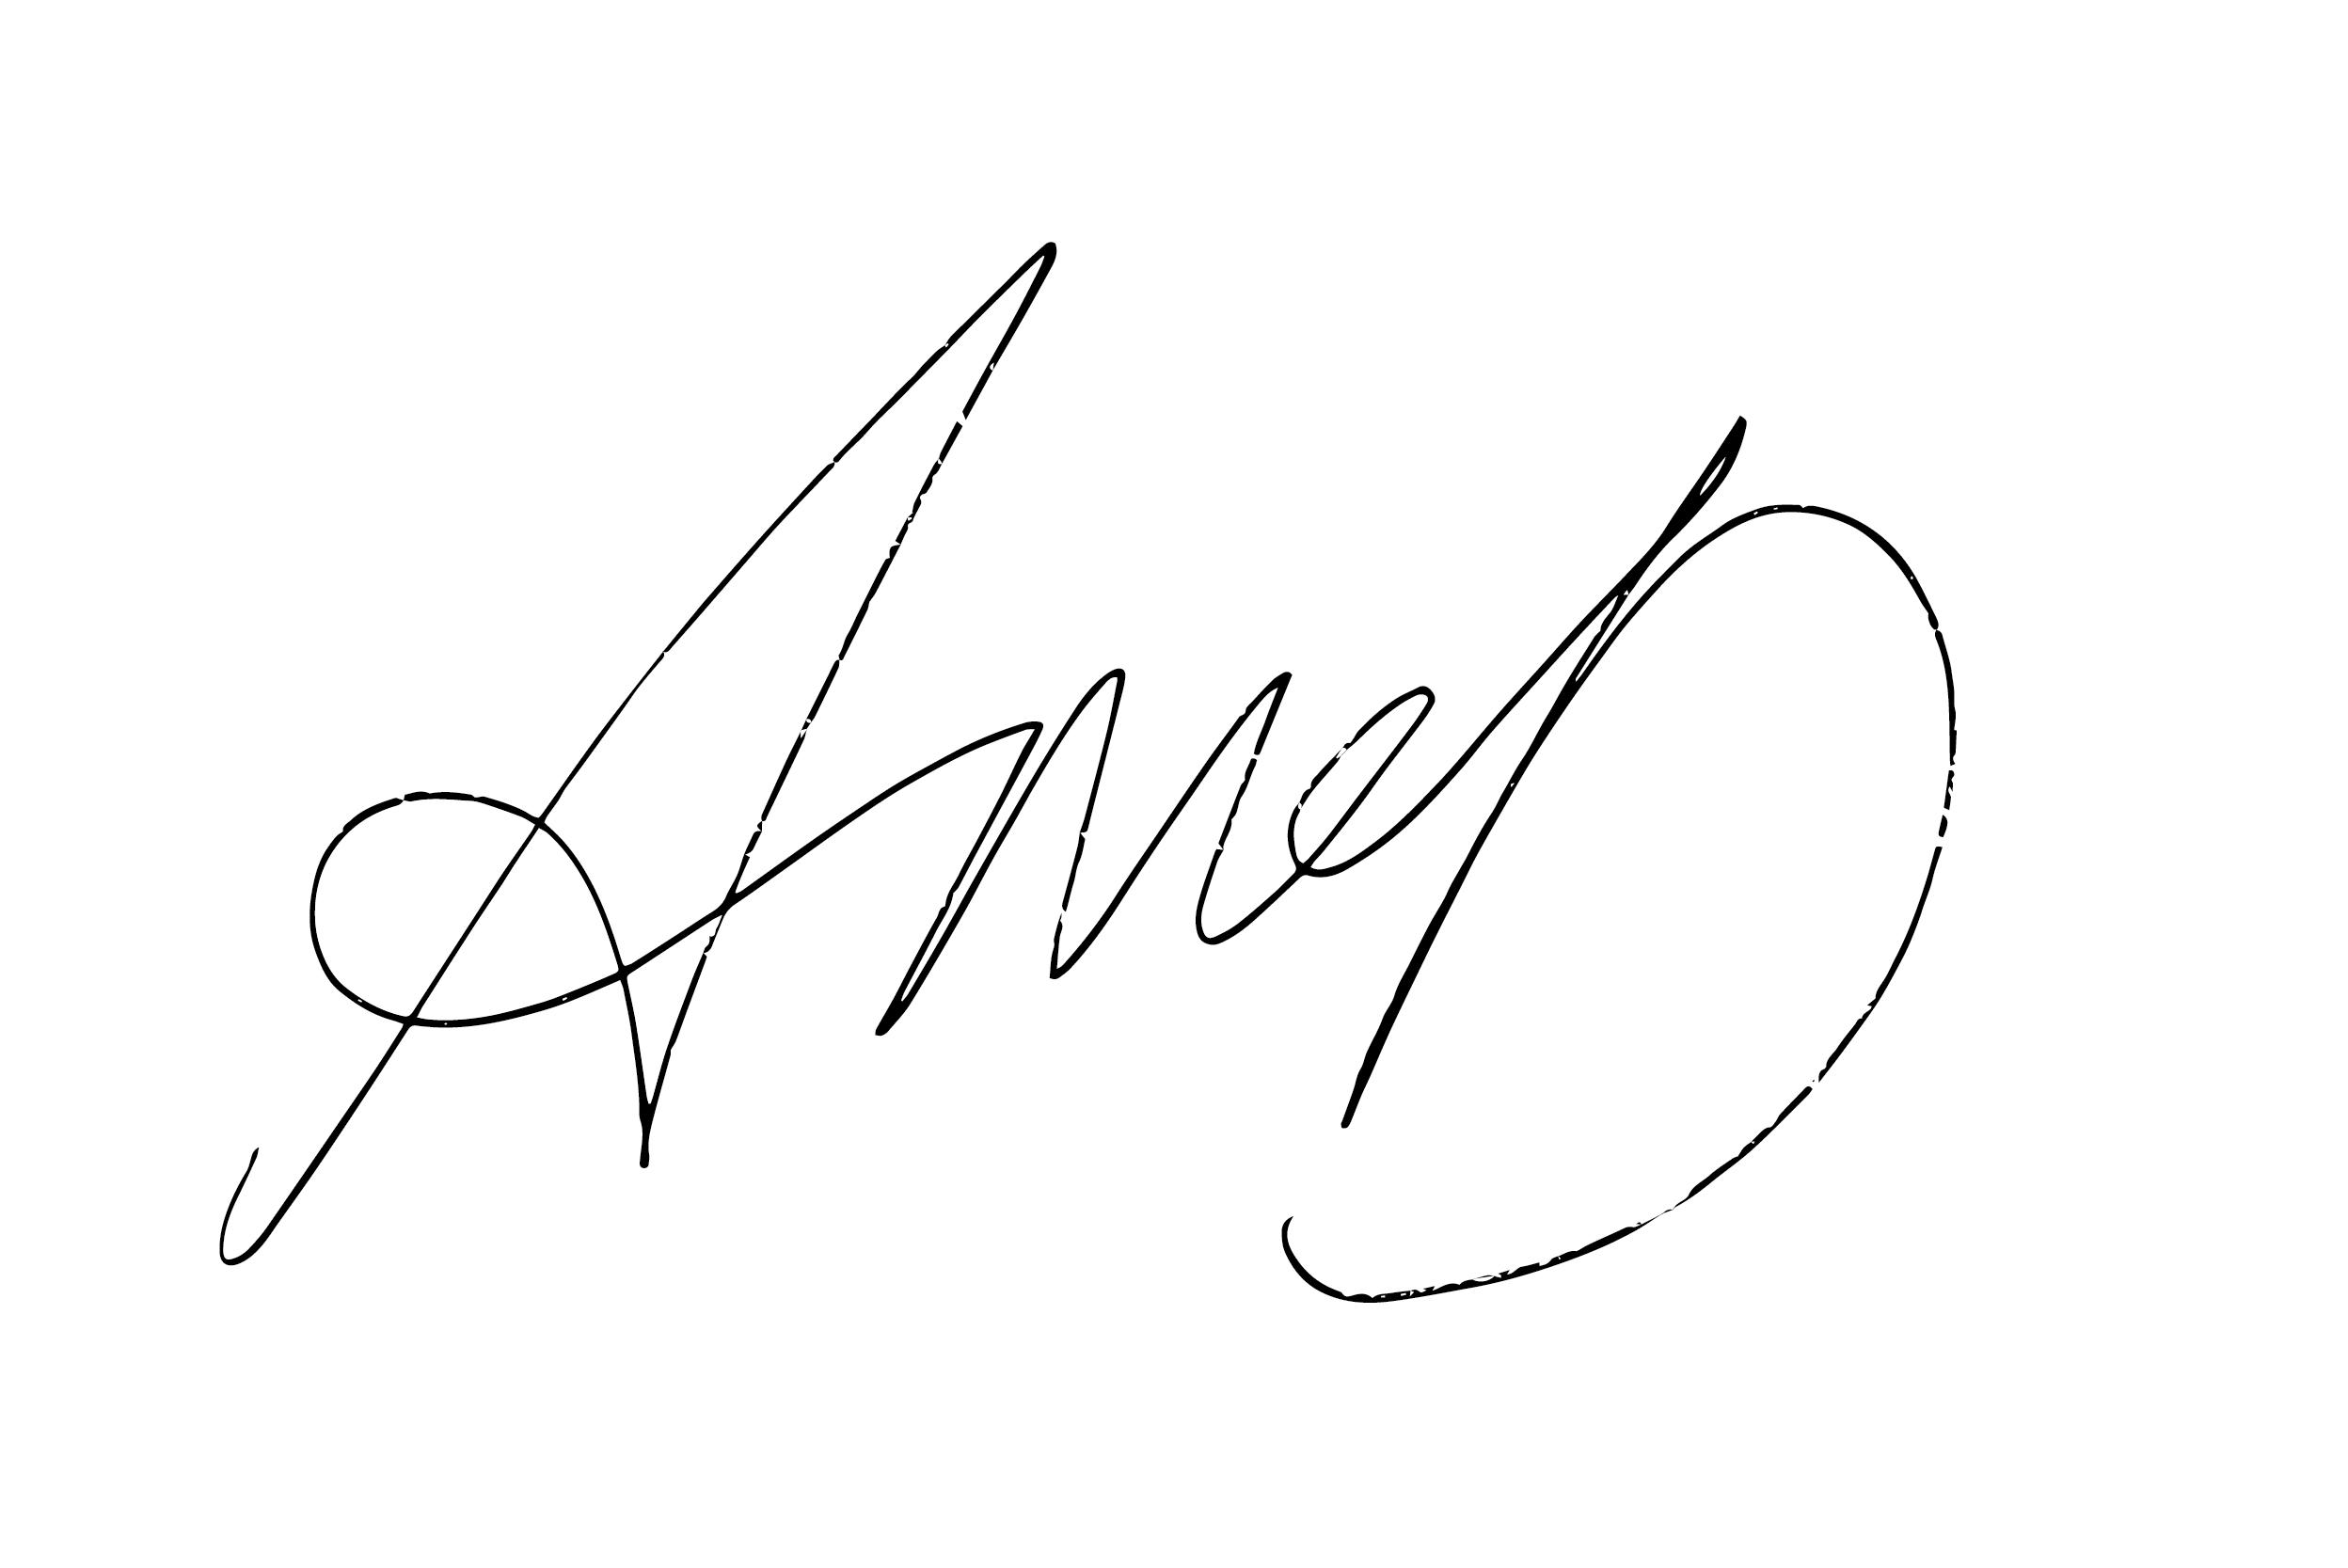 Andrew McDermott Signature